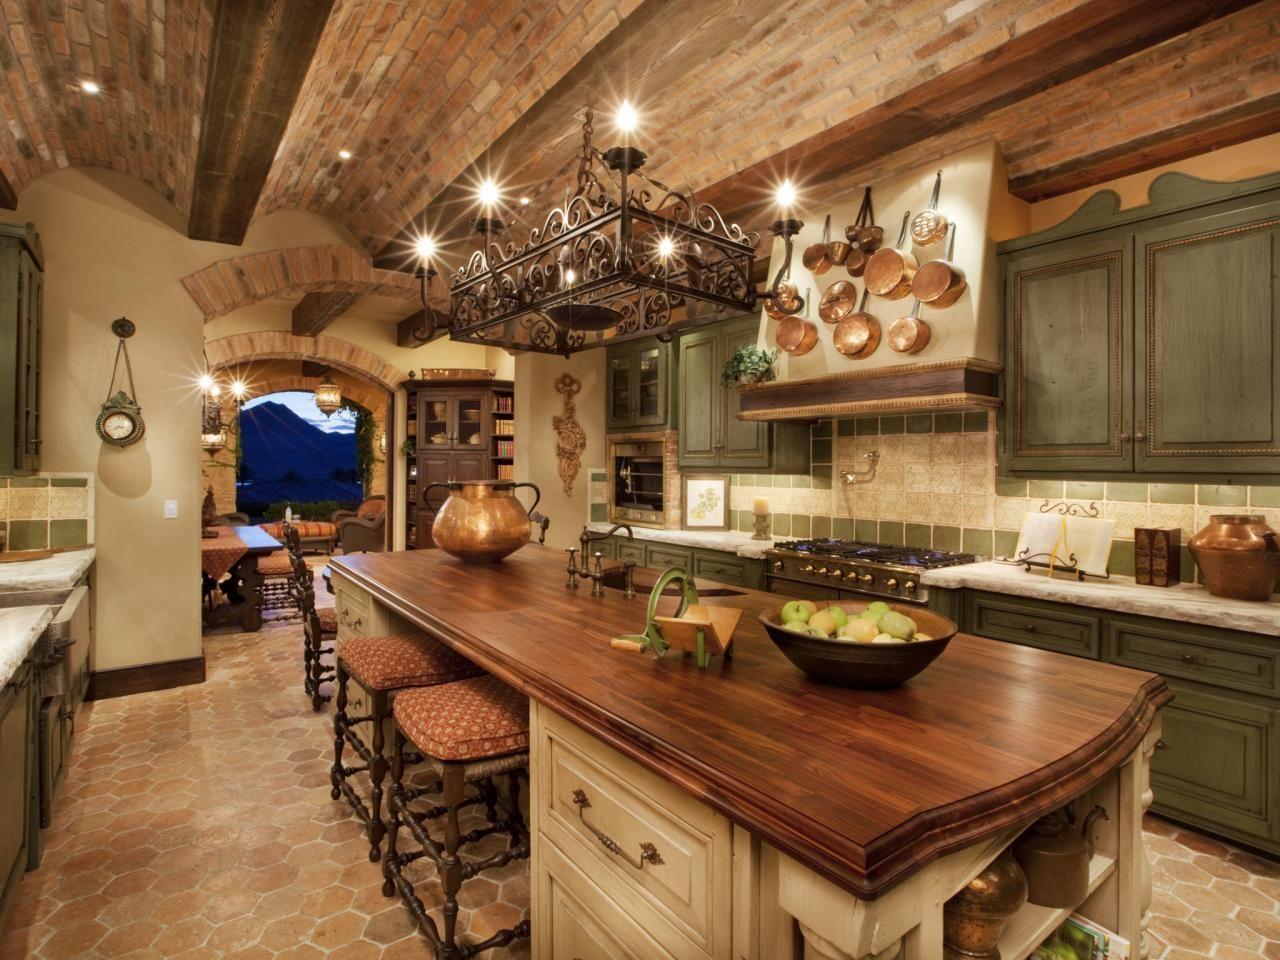 Rustikale Küchenmöbel ~ Traumküchen: finden sie mit uns ihre traumküche! traumküchen